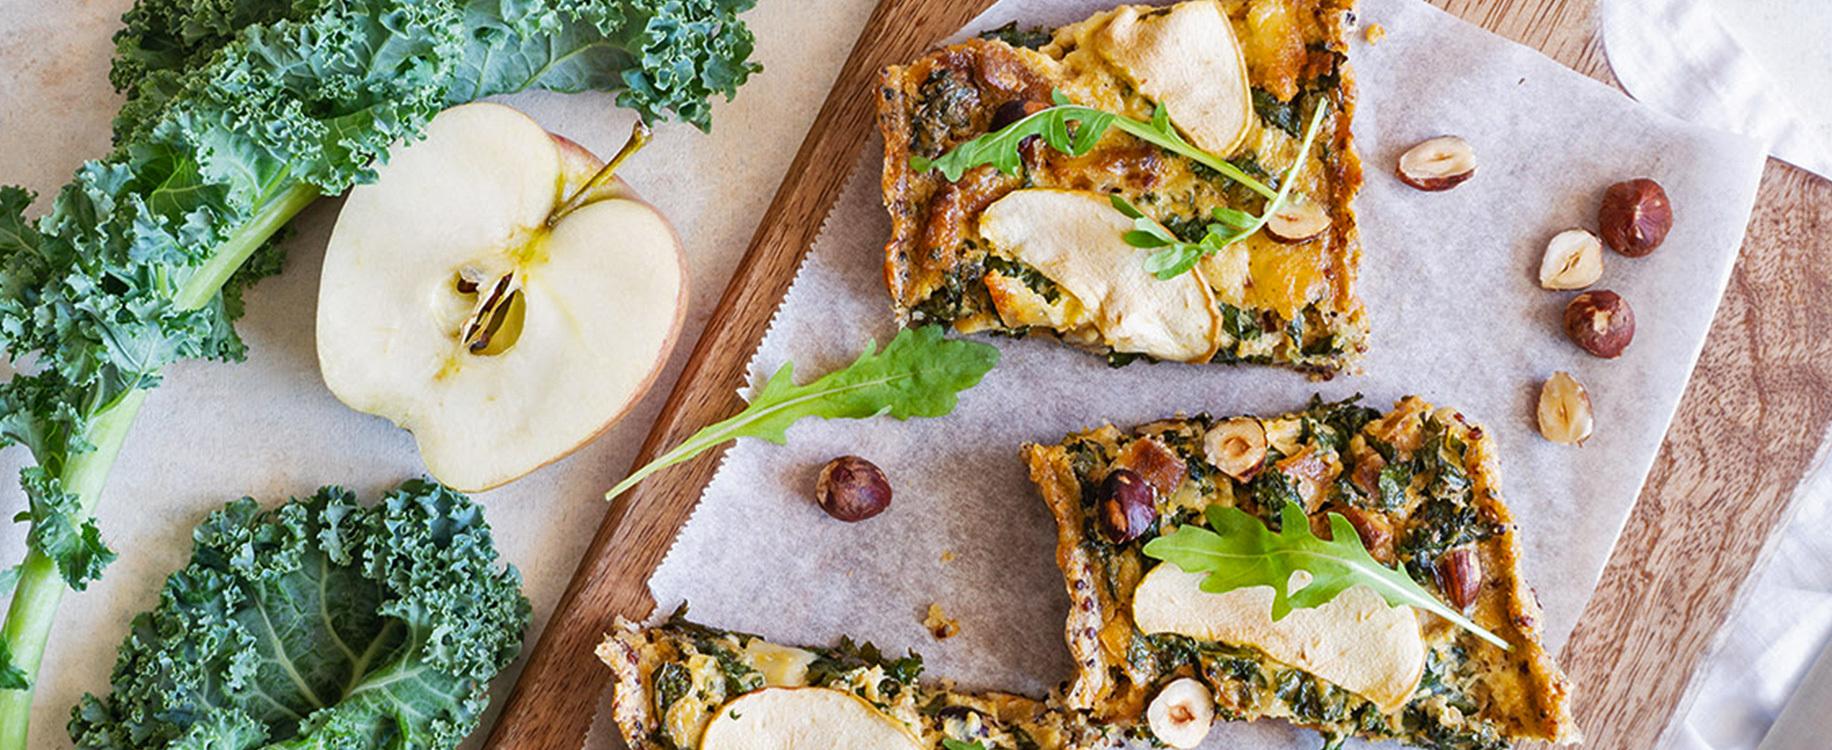 Tarte de quinoa parmesan au poulet au kale et a la pomme